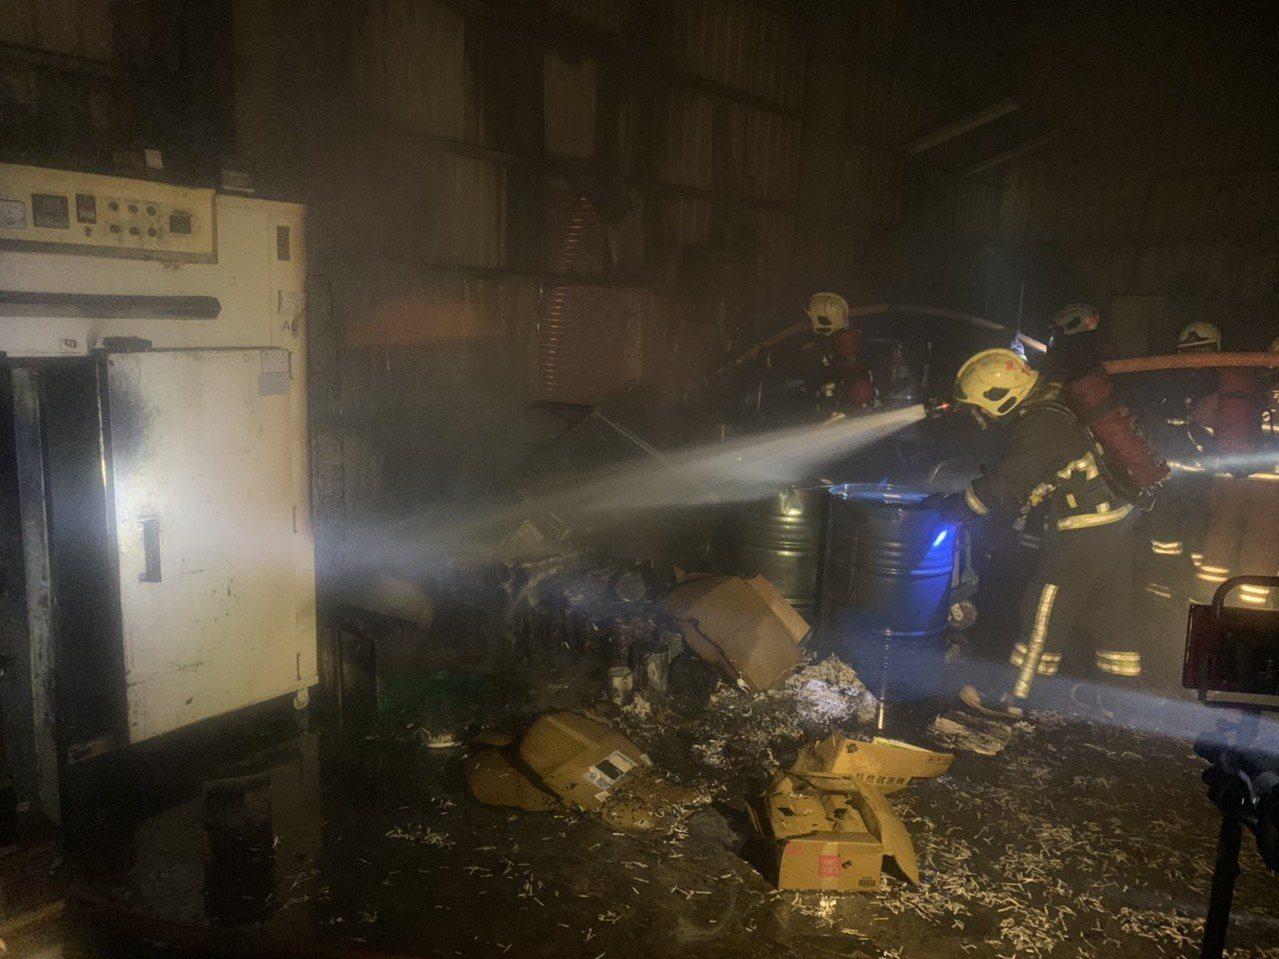 泰山鐵皮工廠火警,化工建材悶燒竄惡臭與濃煙,現場燃燒10坪面積。記者巫鴻瑋/翻攝